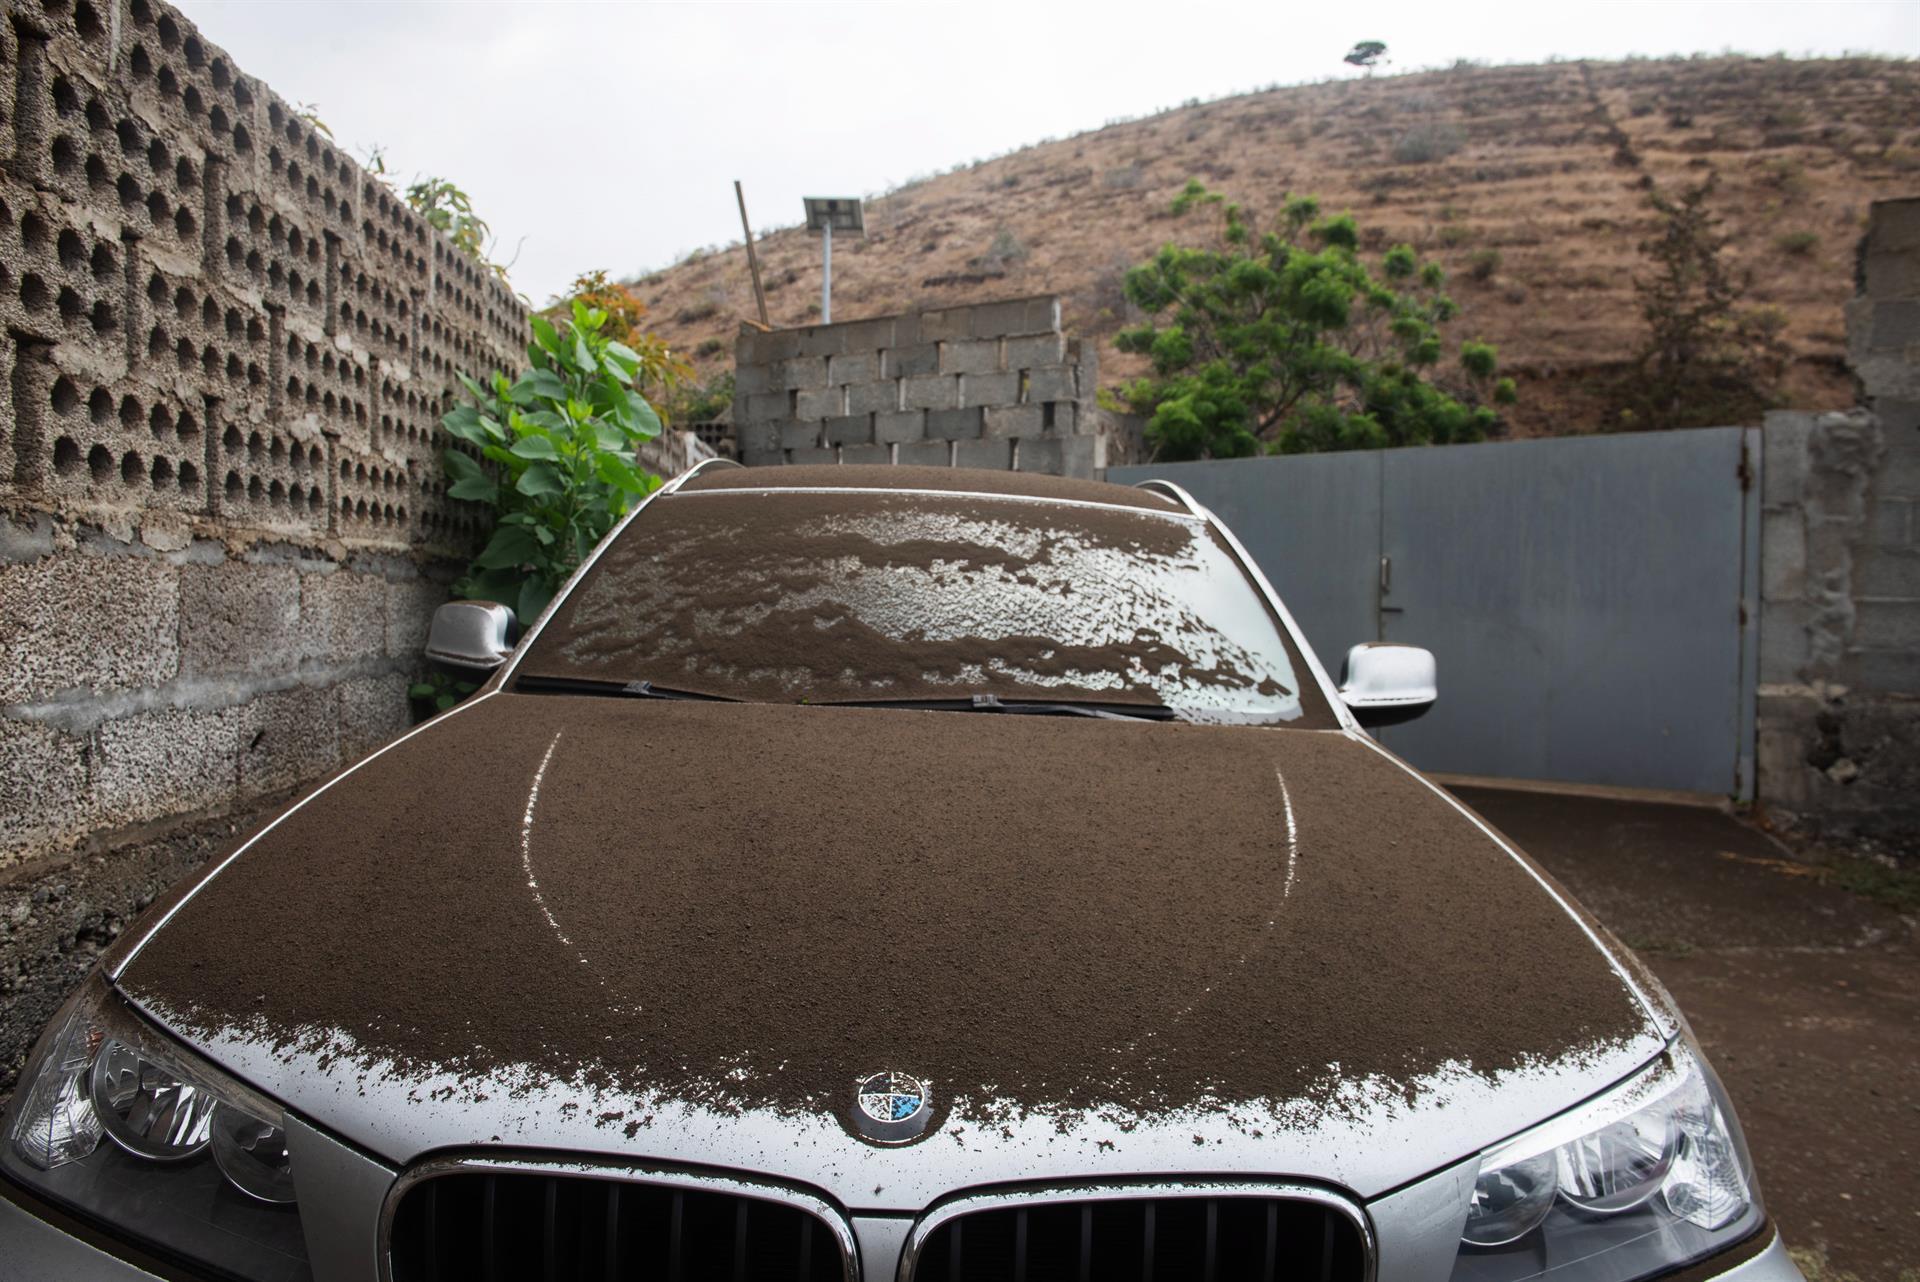 Chuva ácida deve atingir Ilhas Canárias após erupção do vulcão Cumbre Vieja